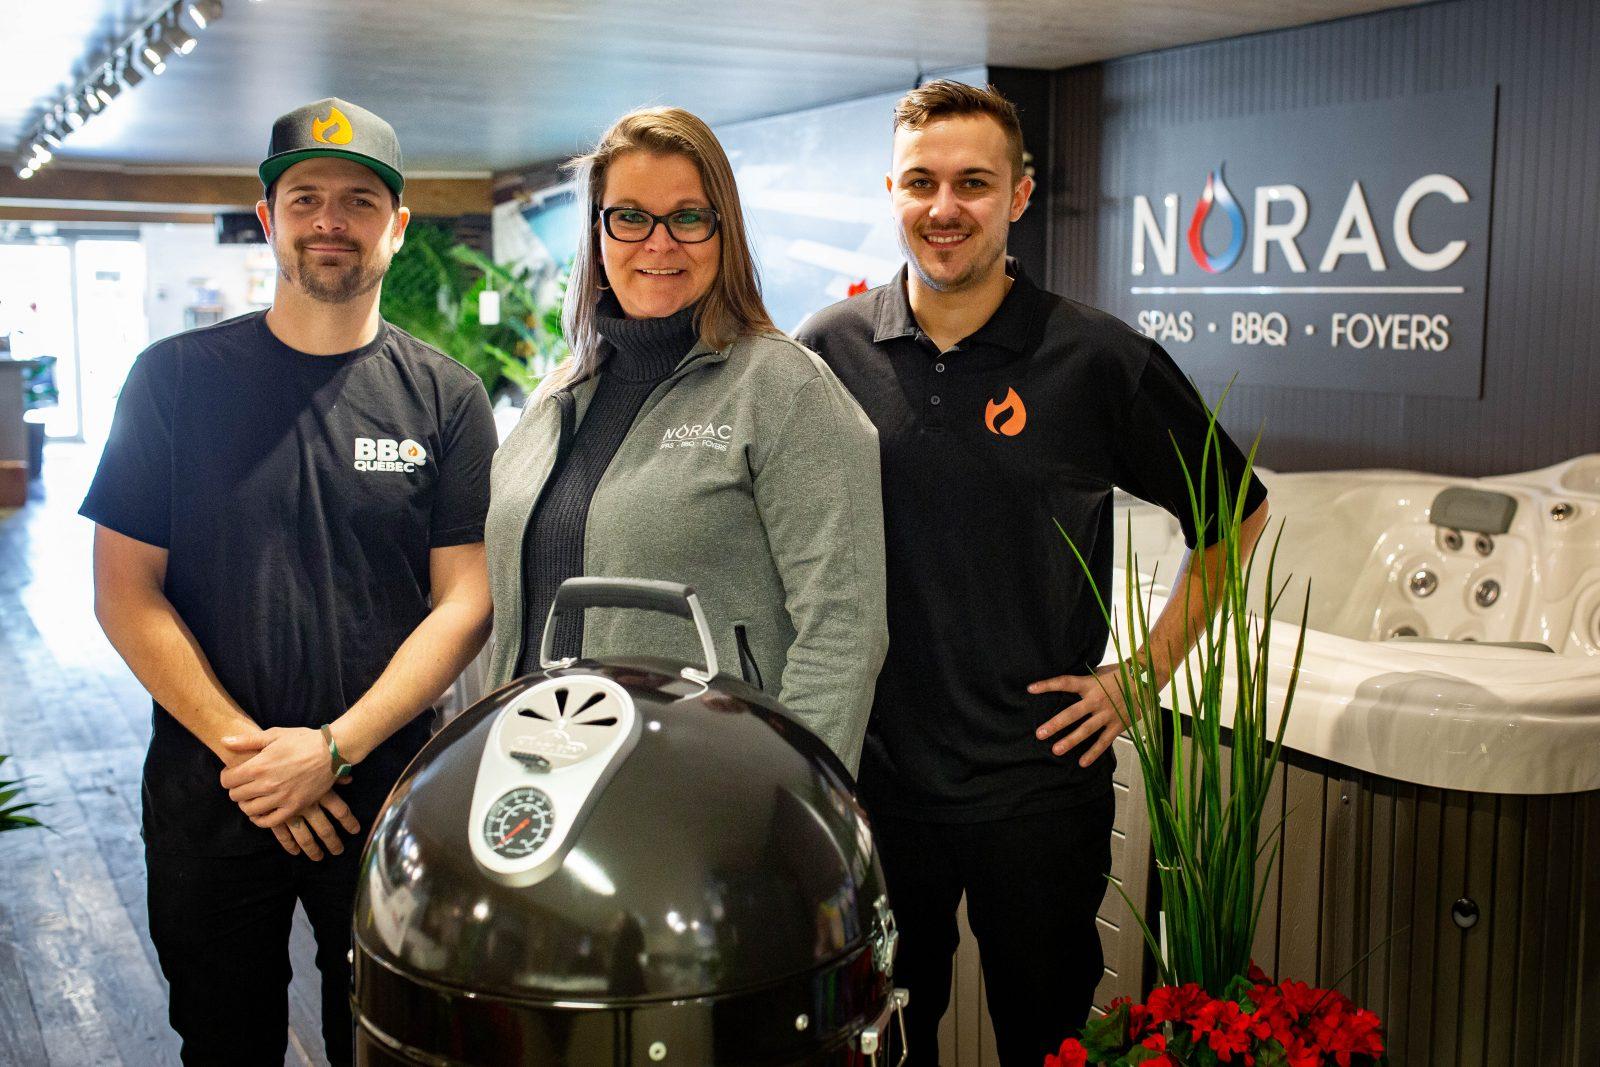 BBQ Québec s'installe chez Norac Spas à Saint-Luc